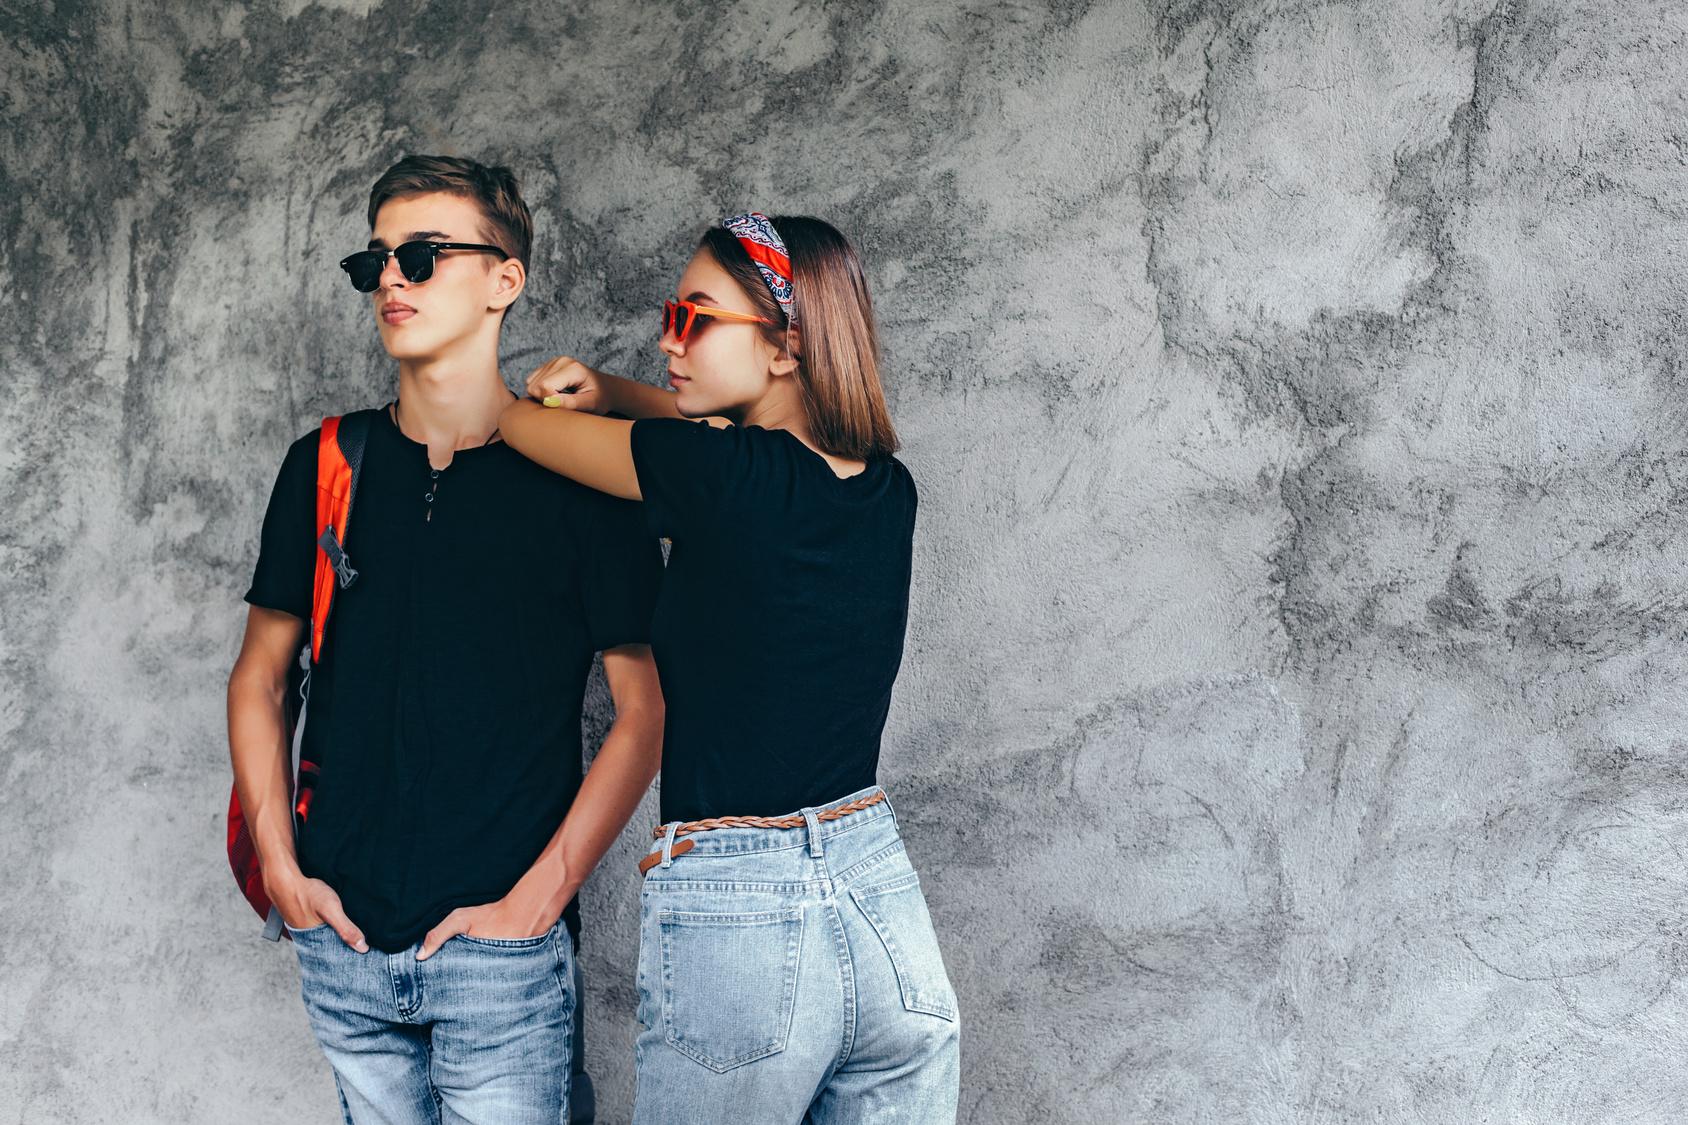 chłopak i dziewczyna w czarnych koszulkach